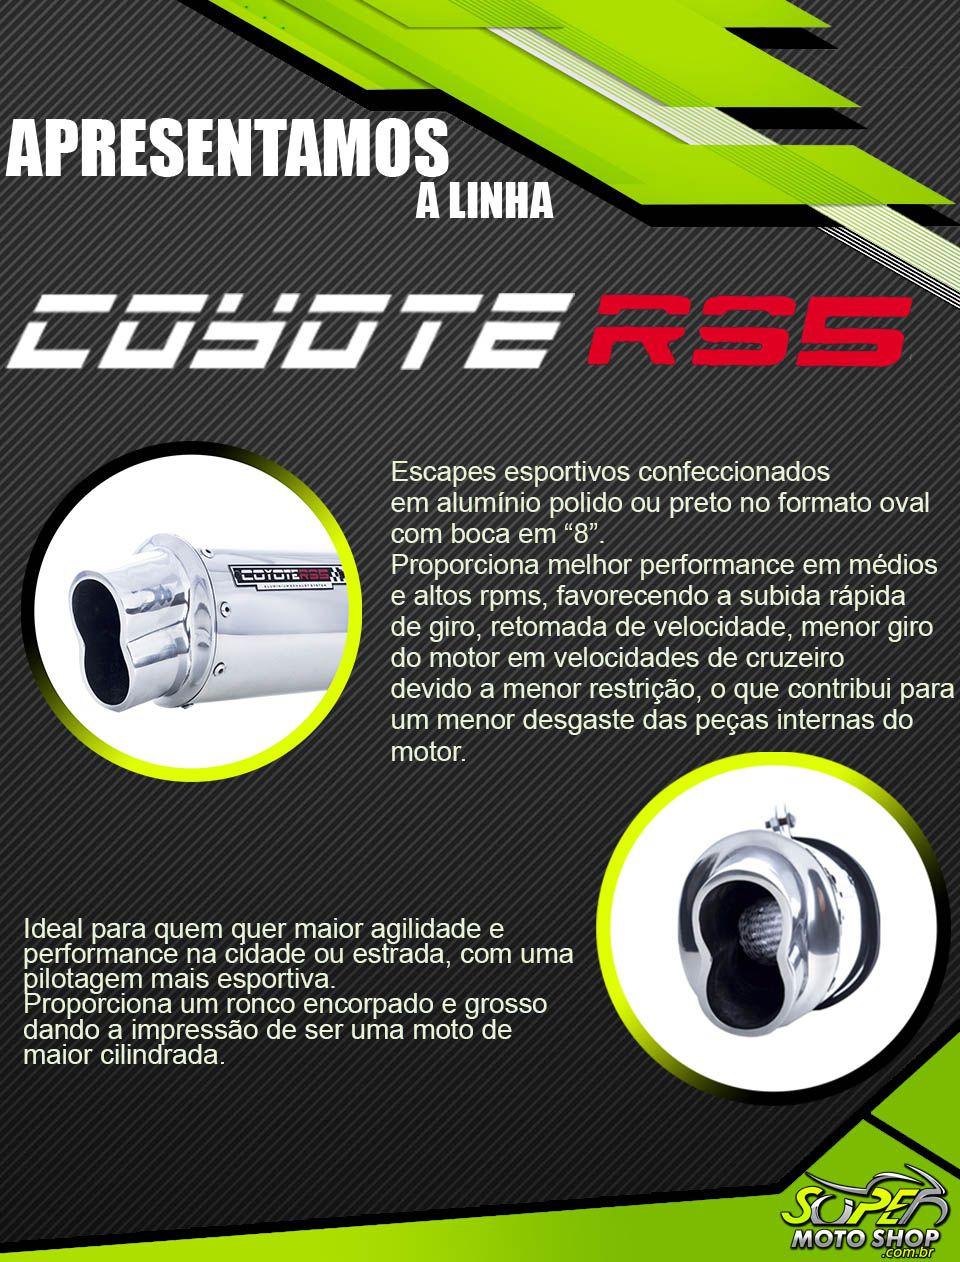 Escape / Ponteira Coyote RS5 Boca 8 Aluminio Oval - Bandit 650 ano 2007/2008 - Suzuki